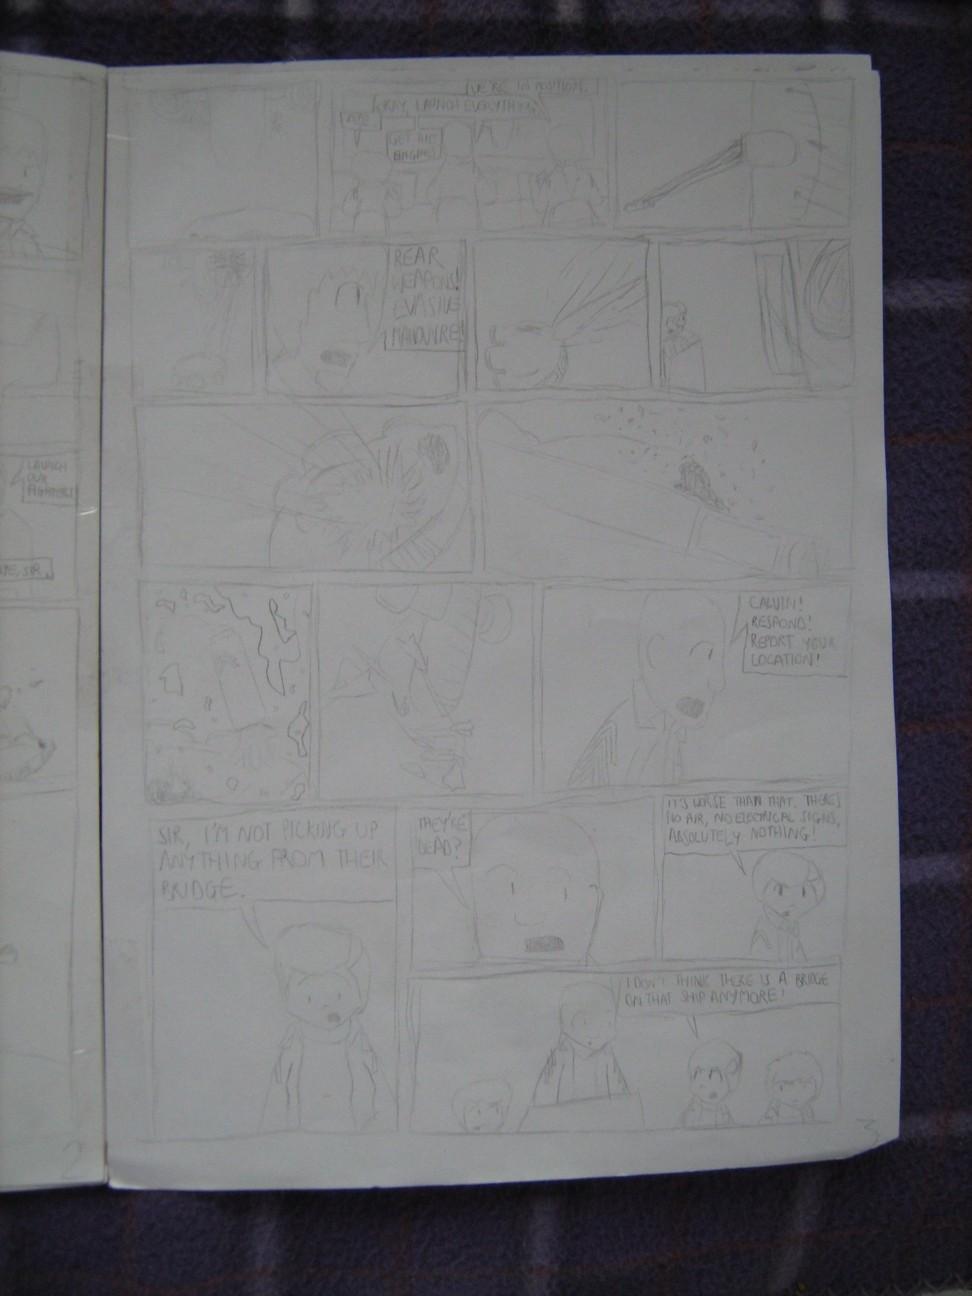 Space Fleet - Intruder Page 3